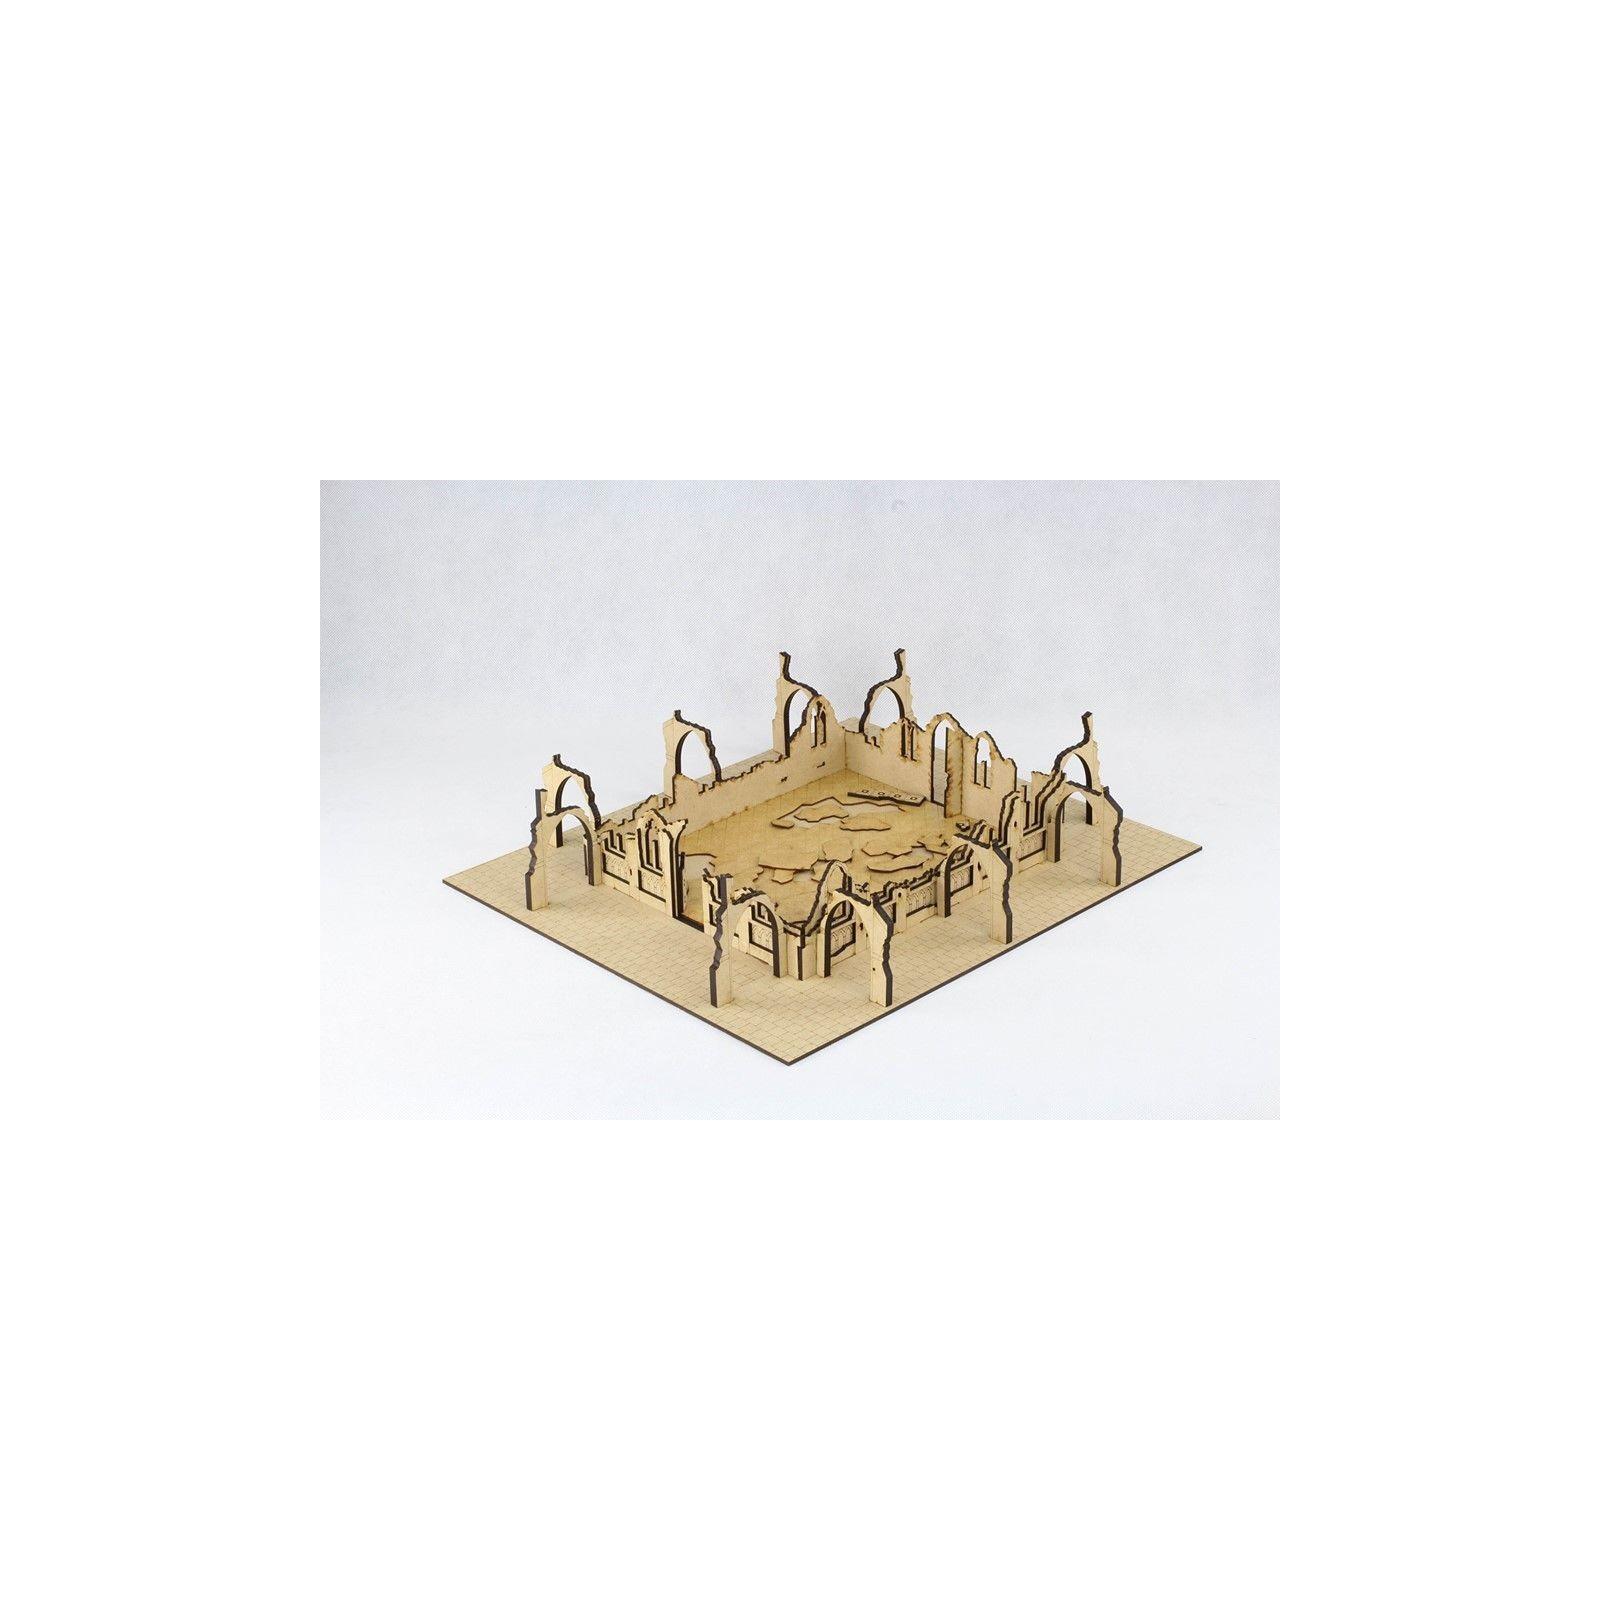 Gothic City Ruin E lc